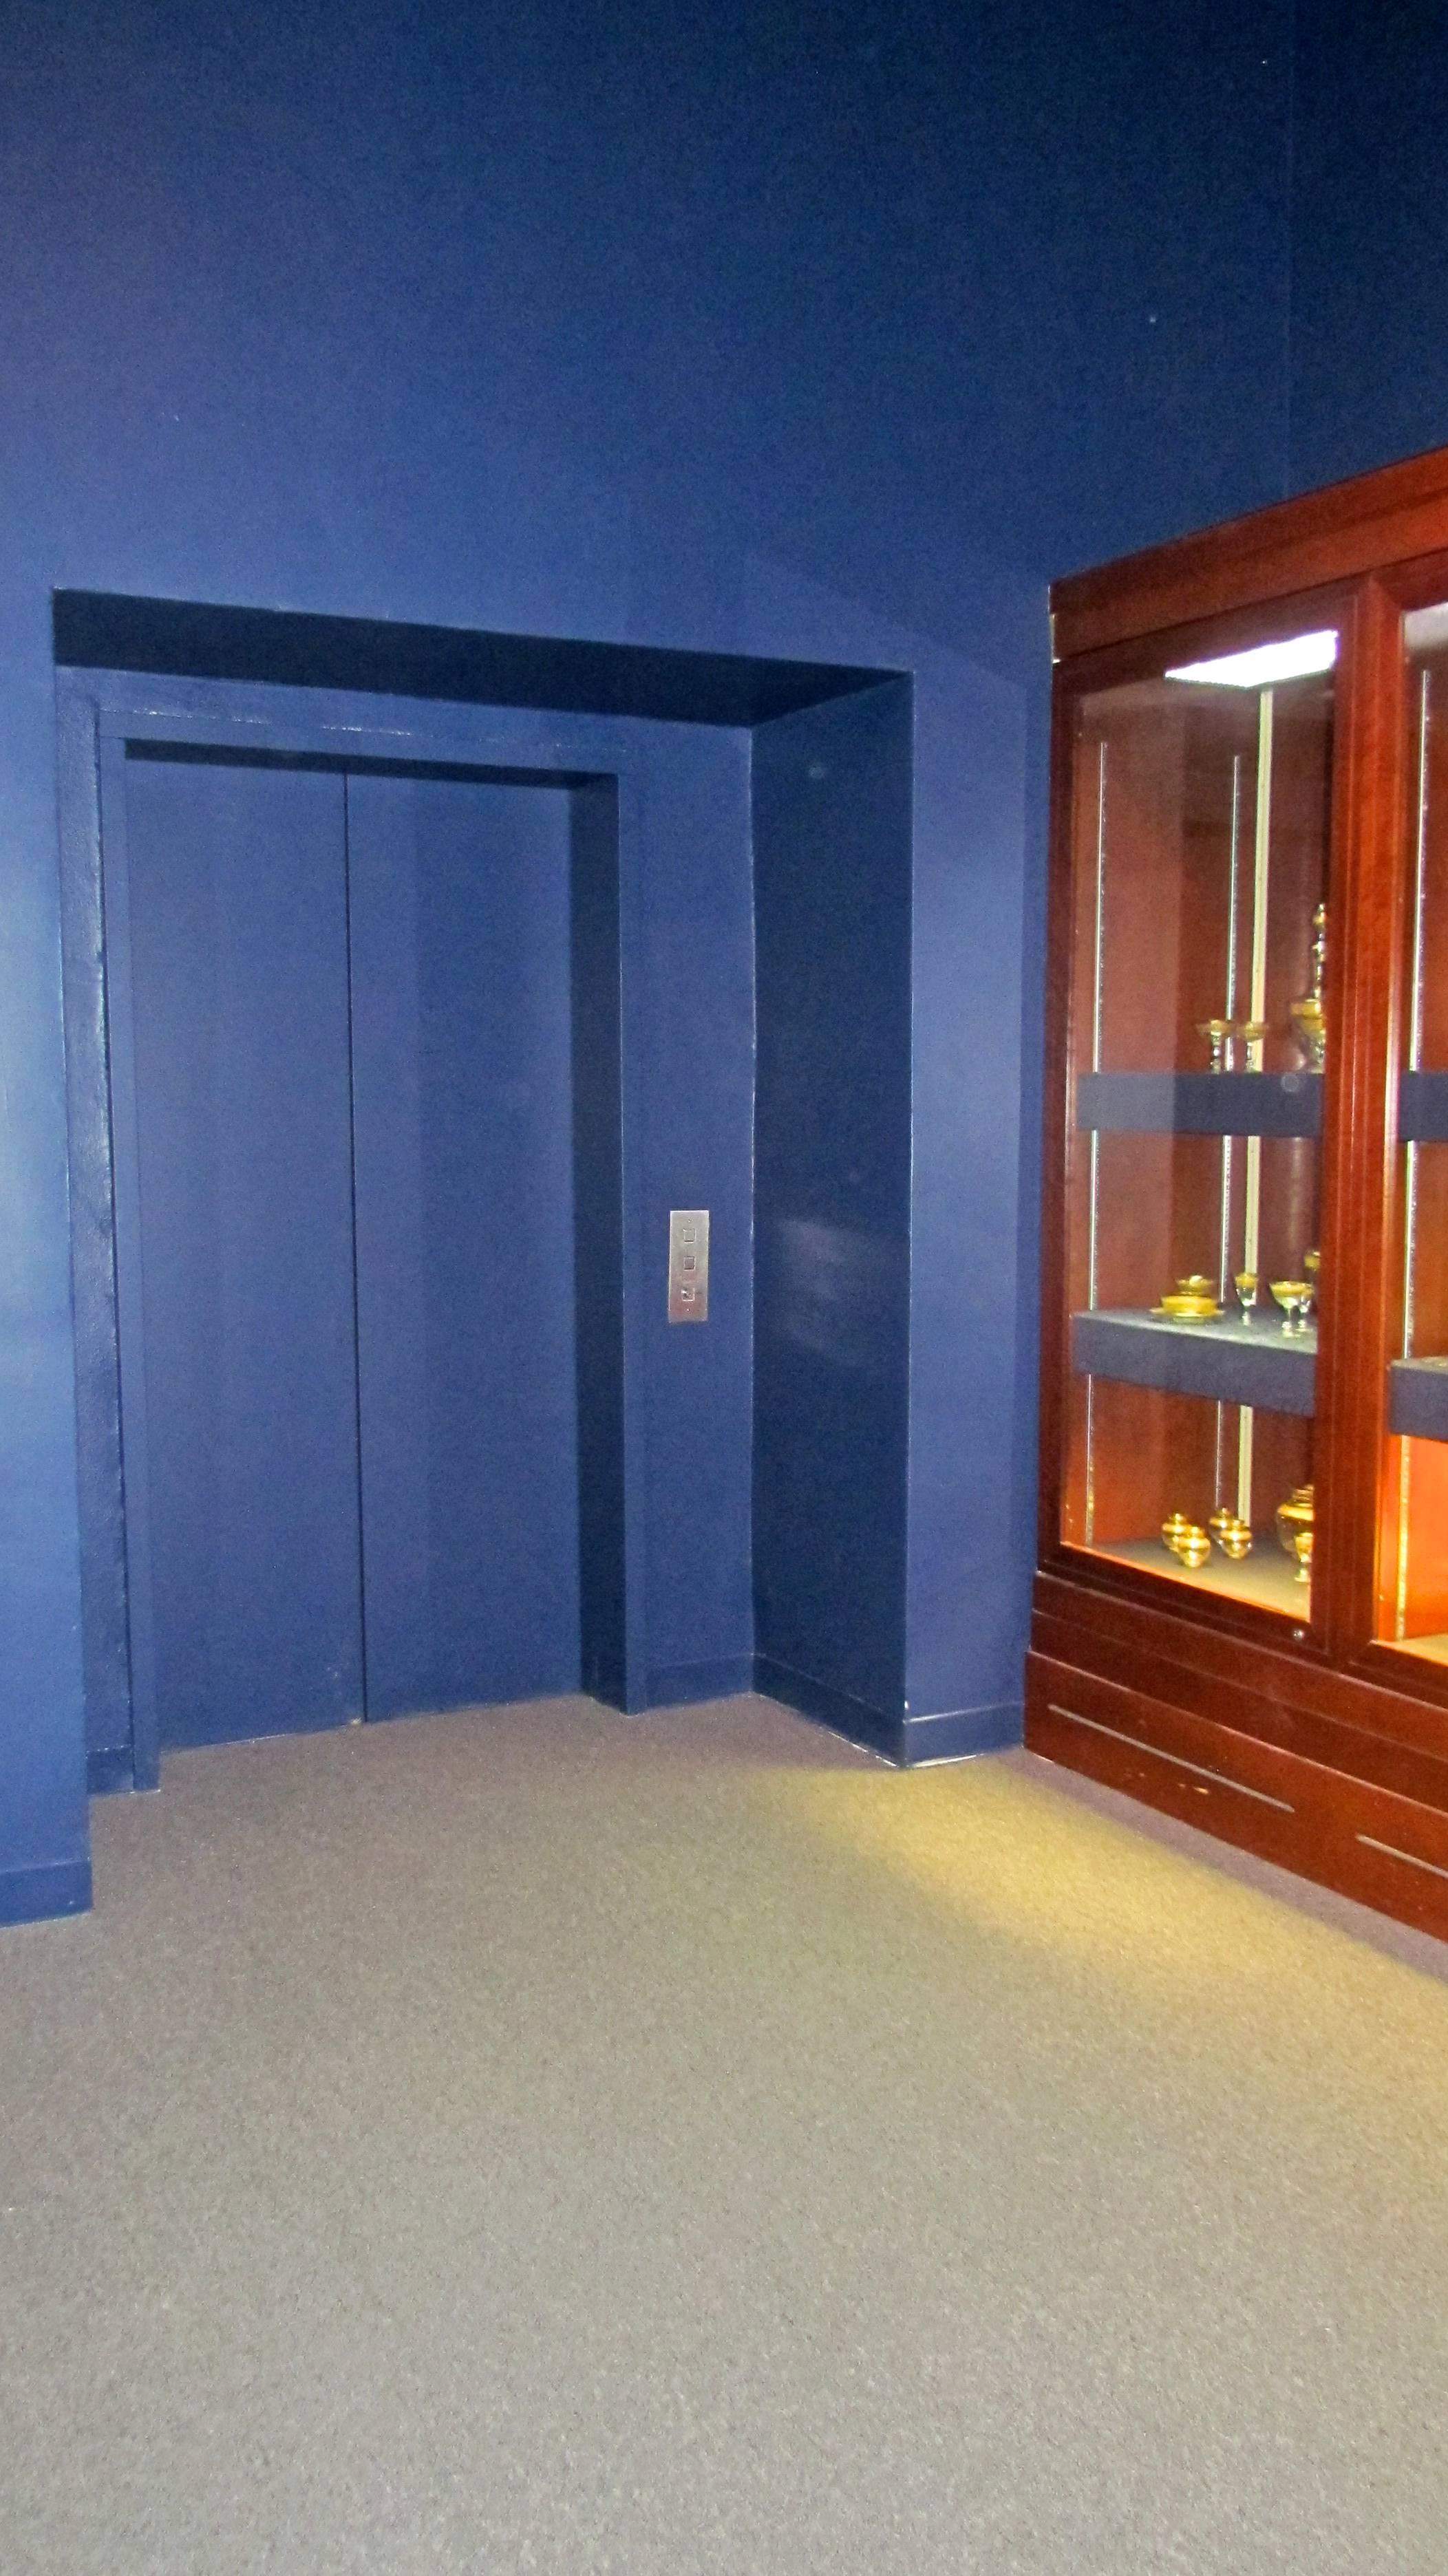 File:Salle Du0027exposition (Maison Oscar Dufresne, Château Dufresne) 12